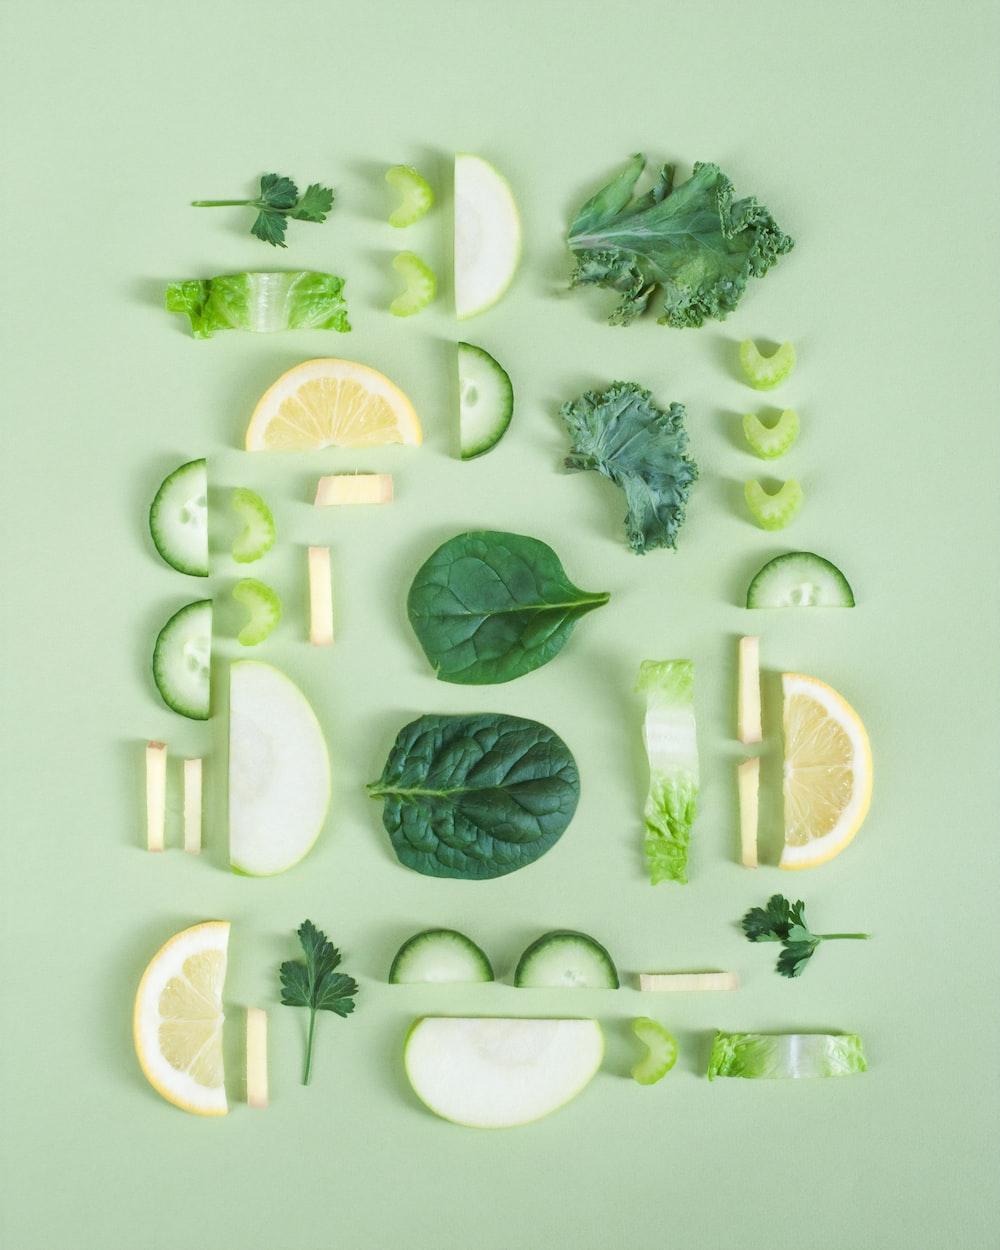 sliced fruit and vegetables